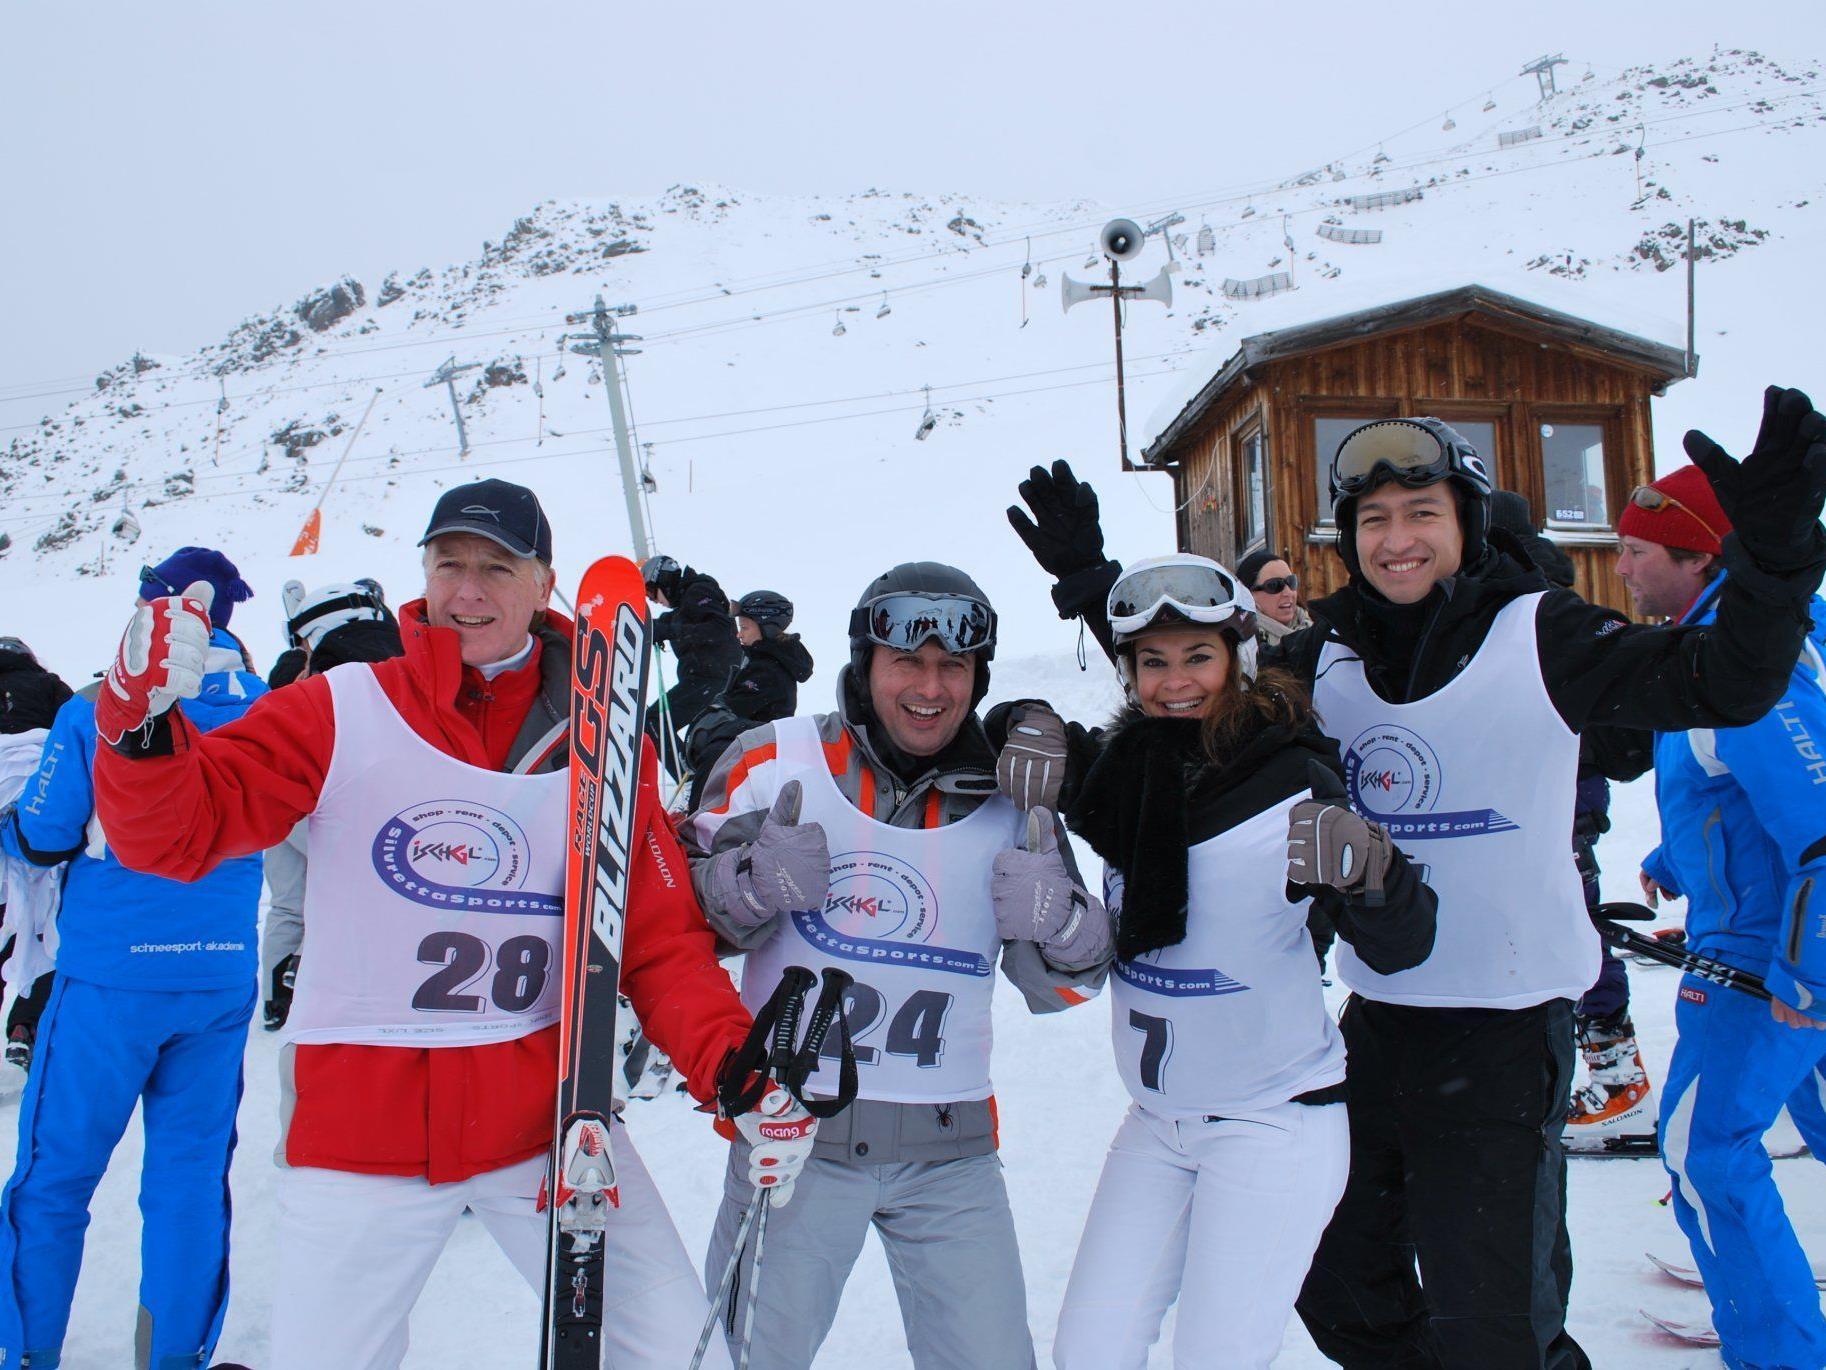 Einen Profi-Skikurs im ****Alpen-Avantgarde-Hotel Solaria in Ischgl vom 27. November bis 2. Dezember 2011 gewinnen!